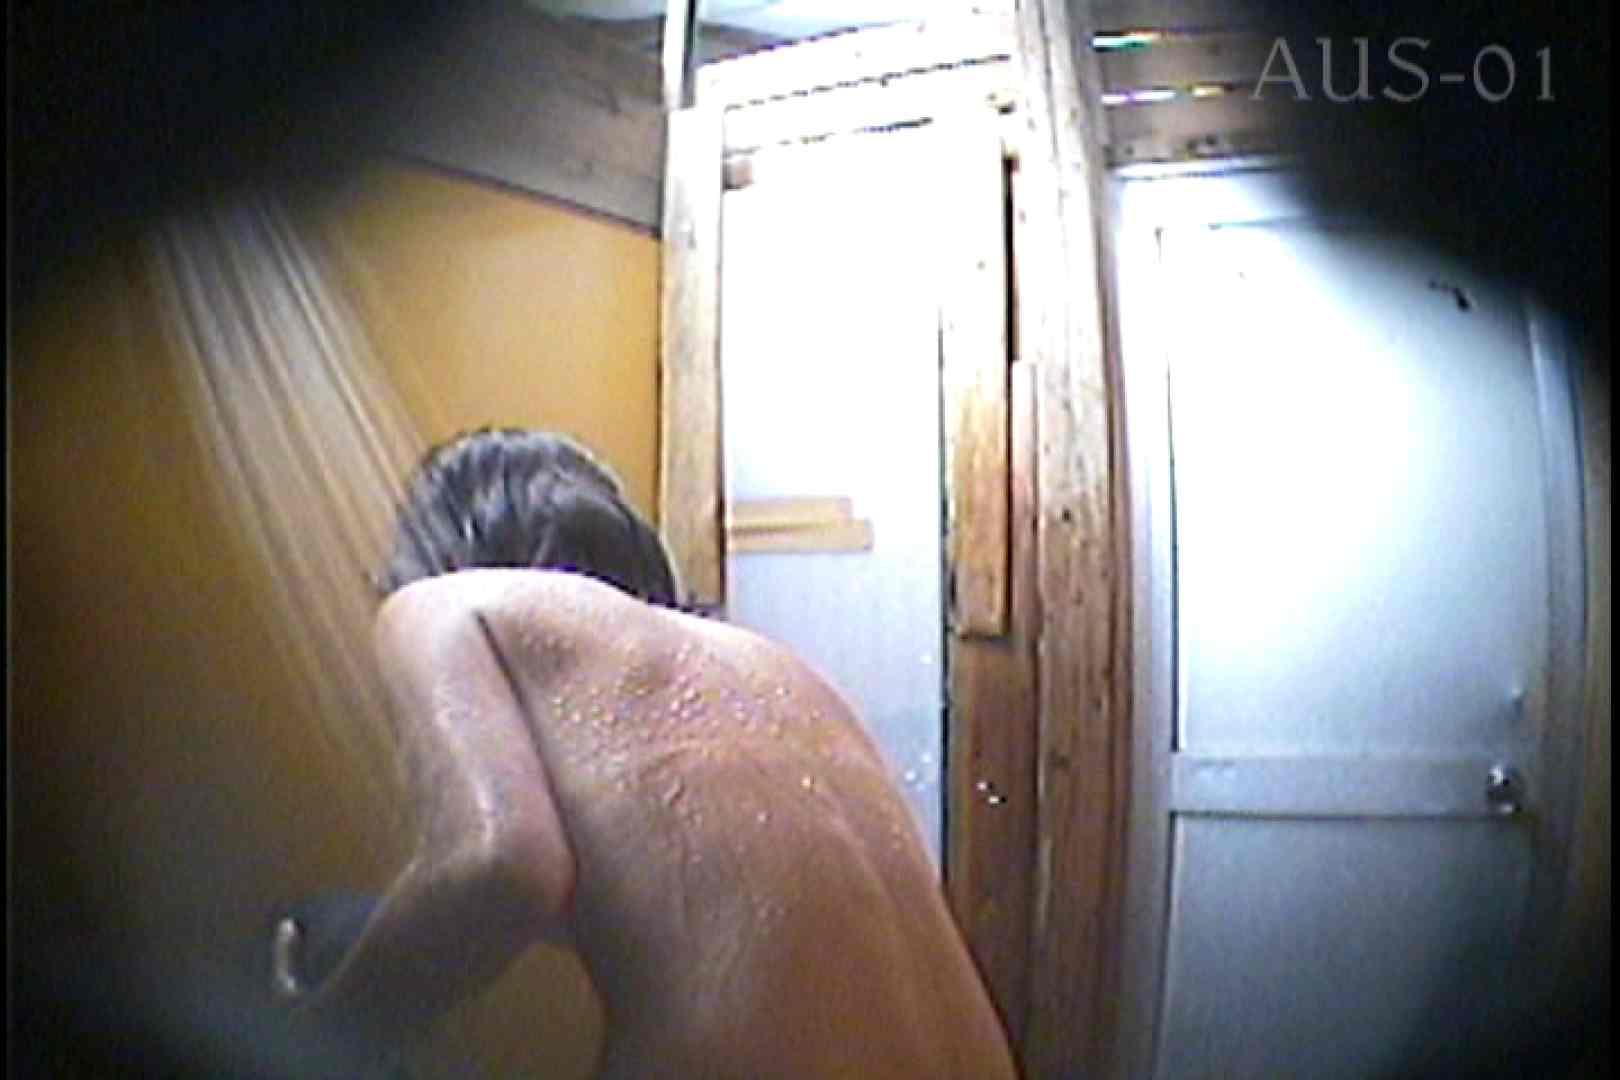 海の家の更衣室 Vol.01 美女 アダルト動画キャプチャ 104枚 37